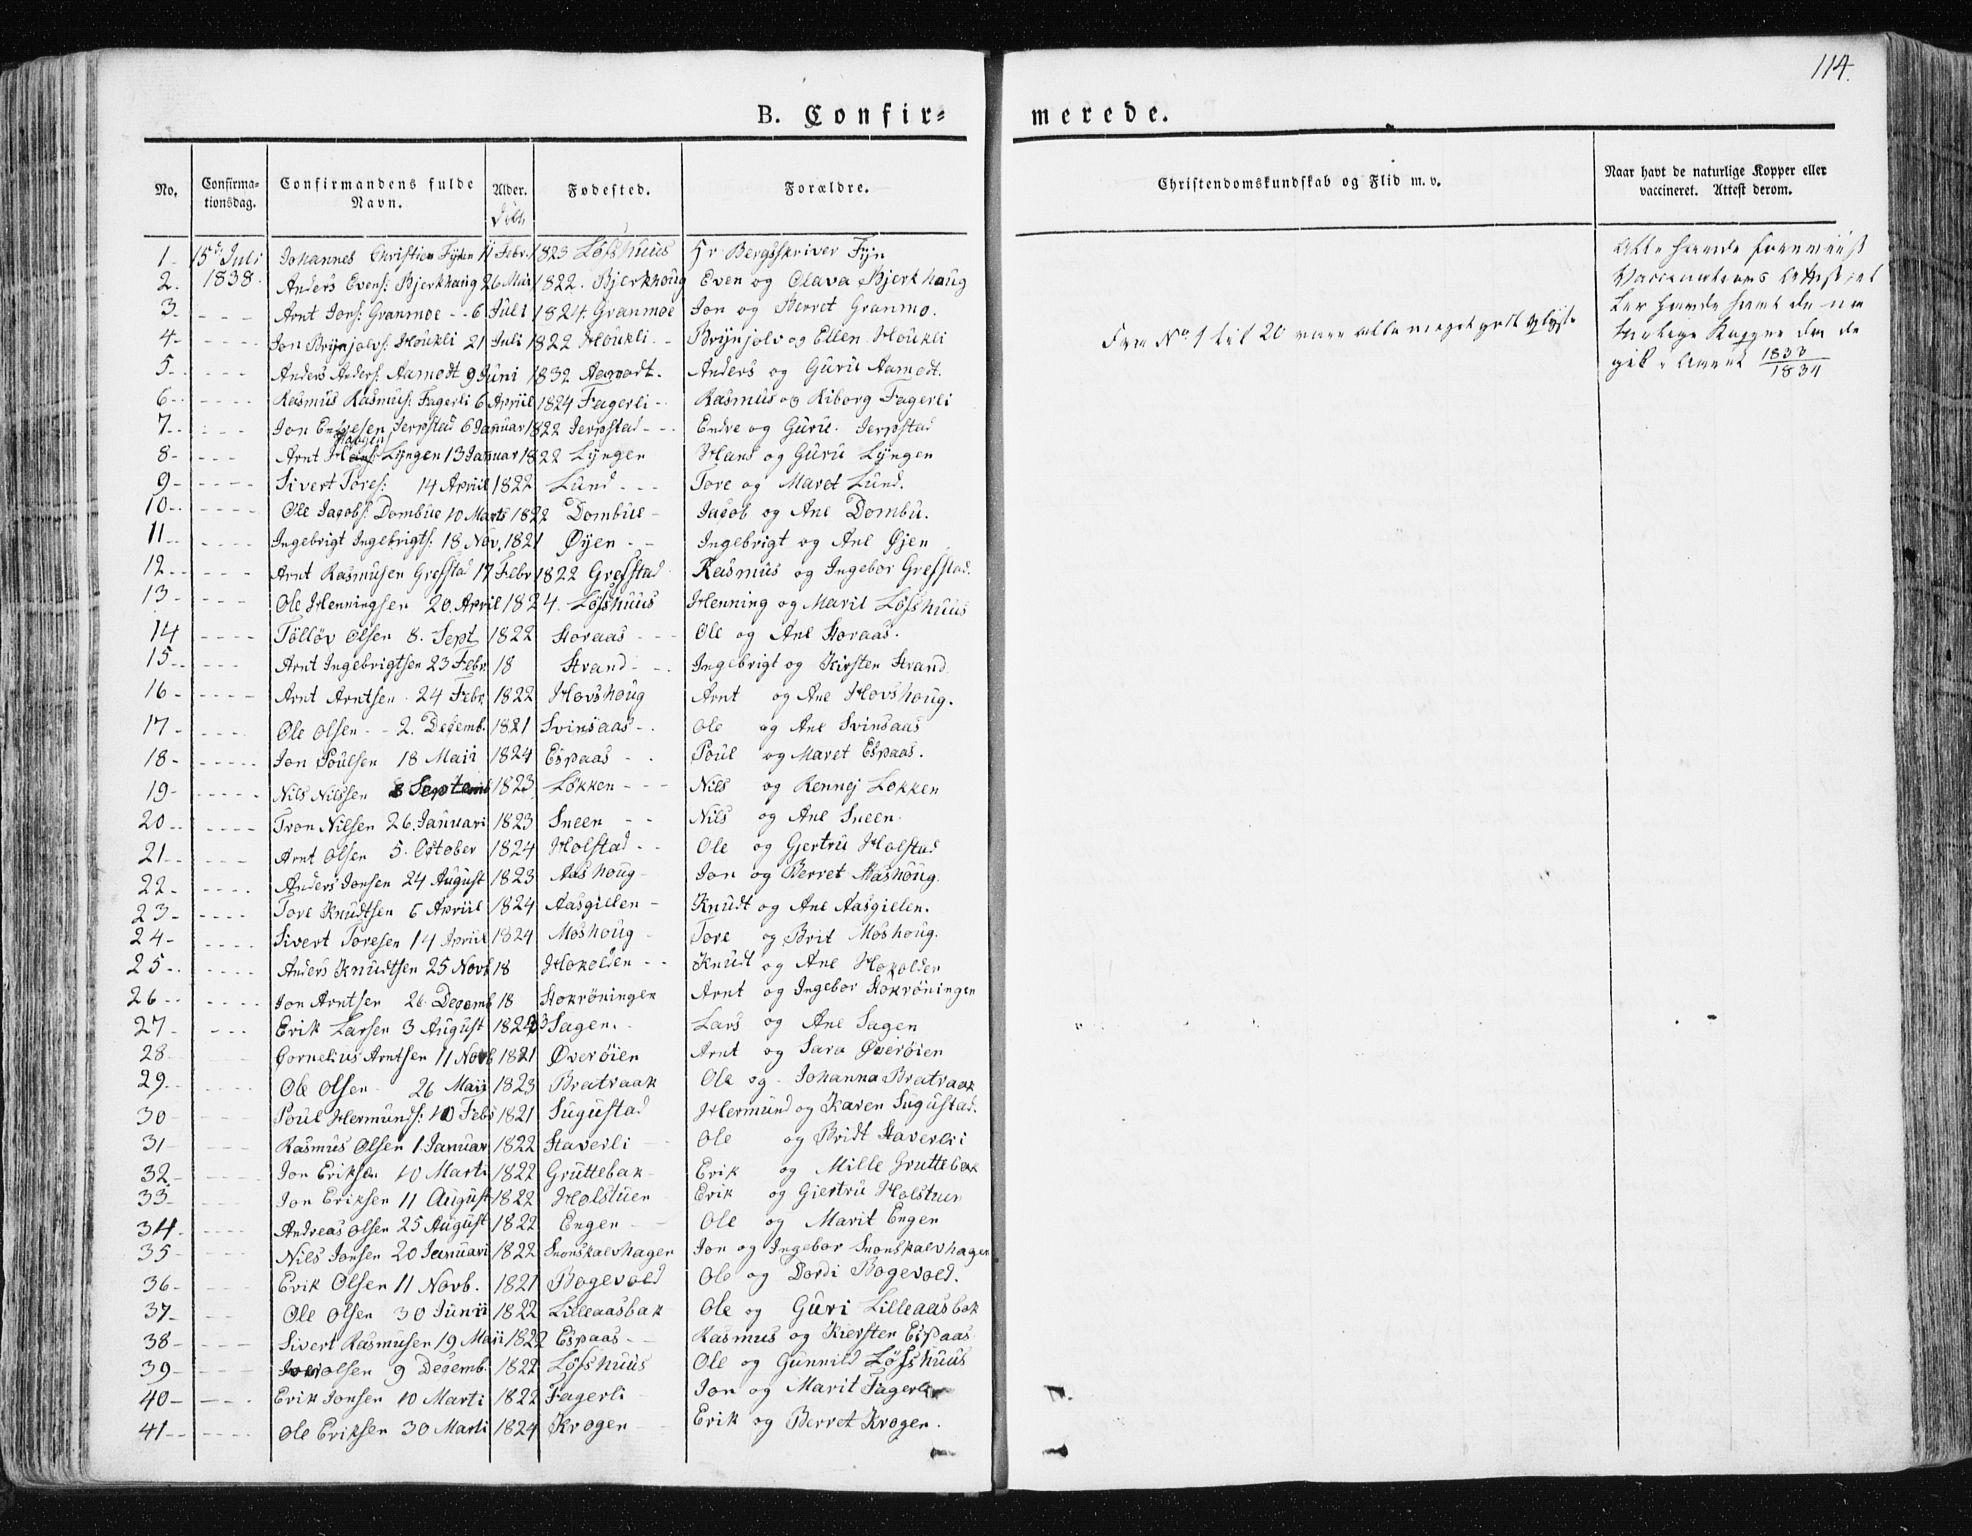 SAT, Ministerialprotokoller, klokkerbøker og fødselsregistre - Sør-Trøndelag, 672/L0855: Ministerialbok nr. 672A07, 1829-1860, s. 114